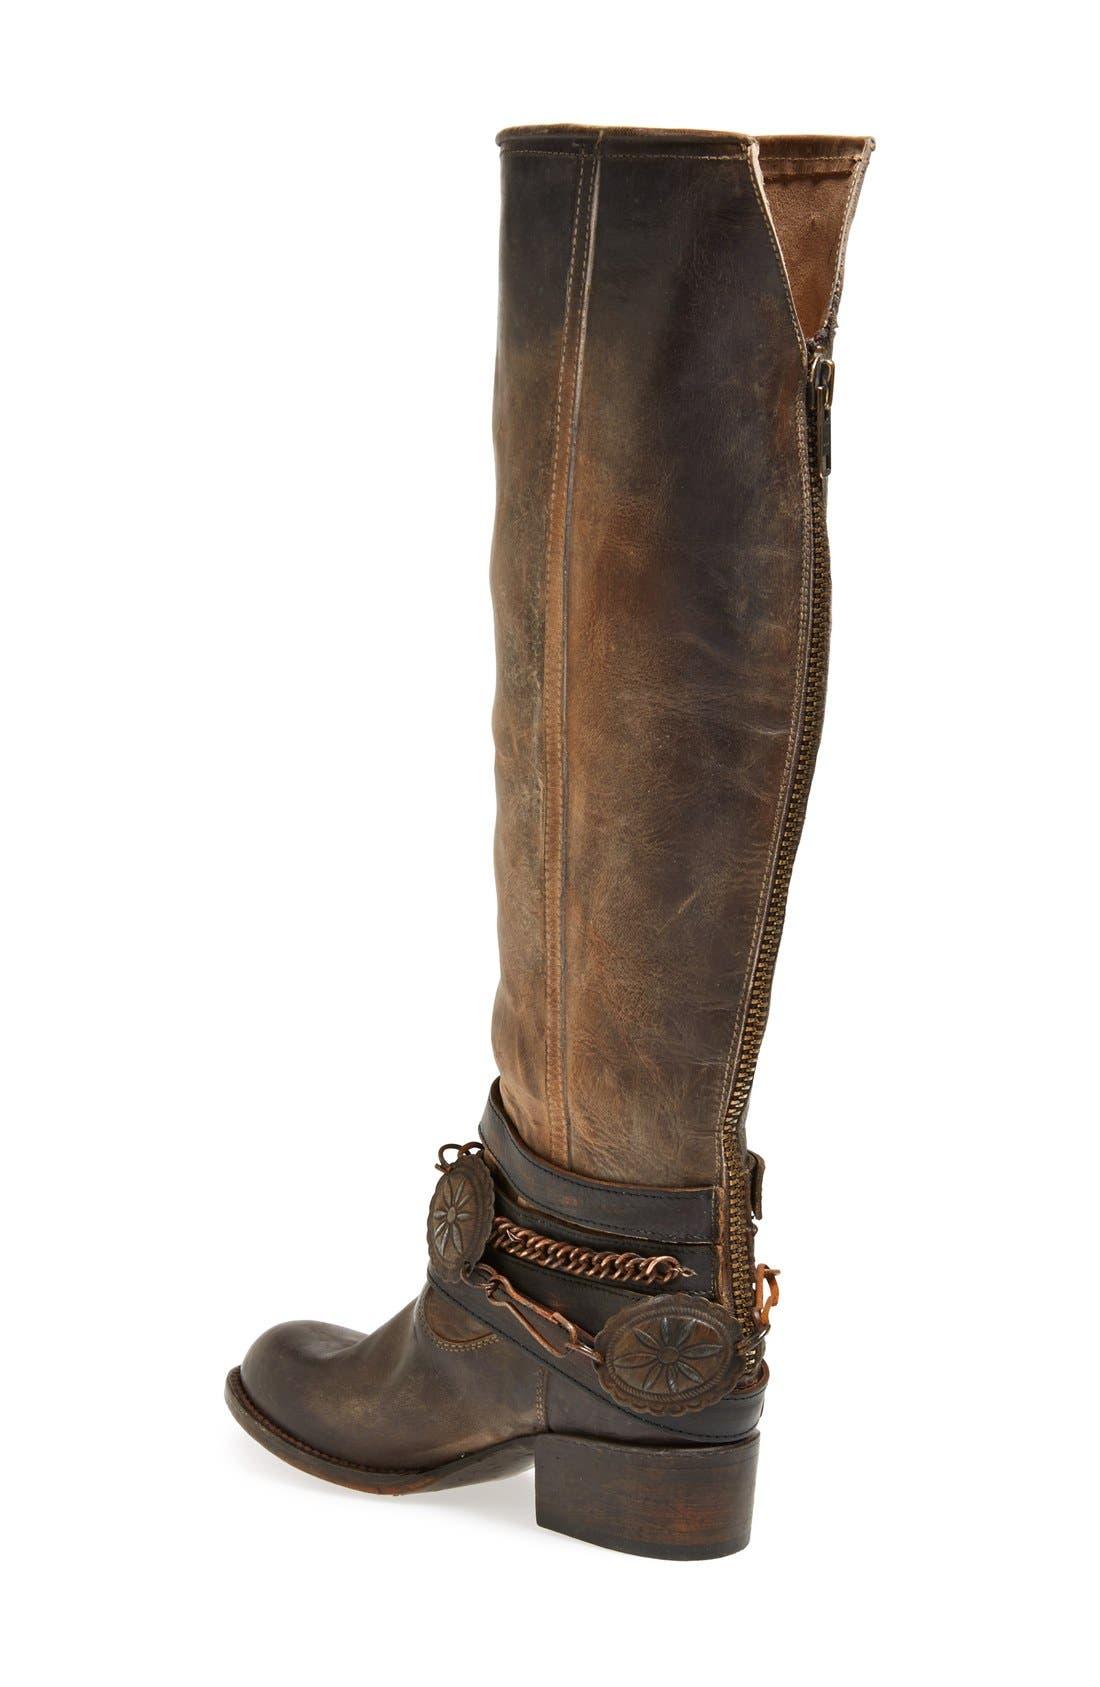 Alternate Image 2  - Freebird by Steven Western Leather Boot (Women)